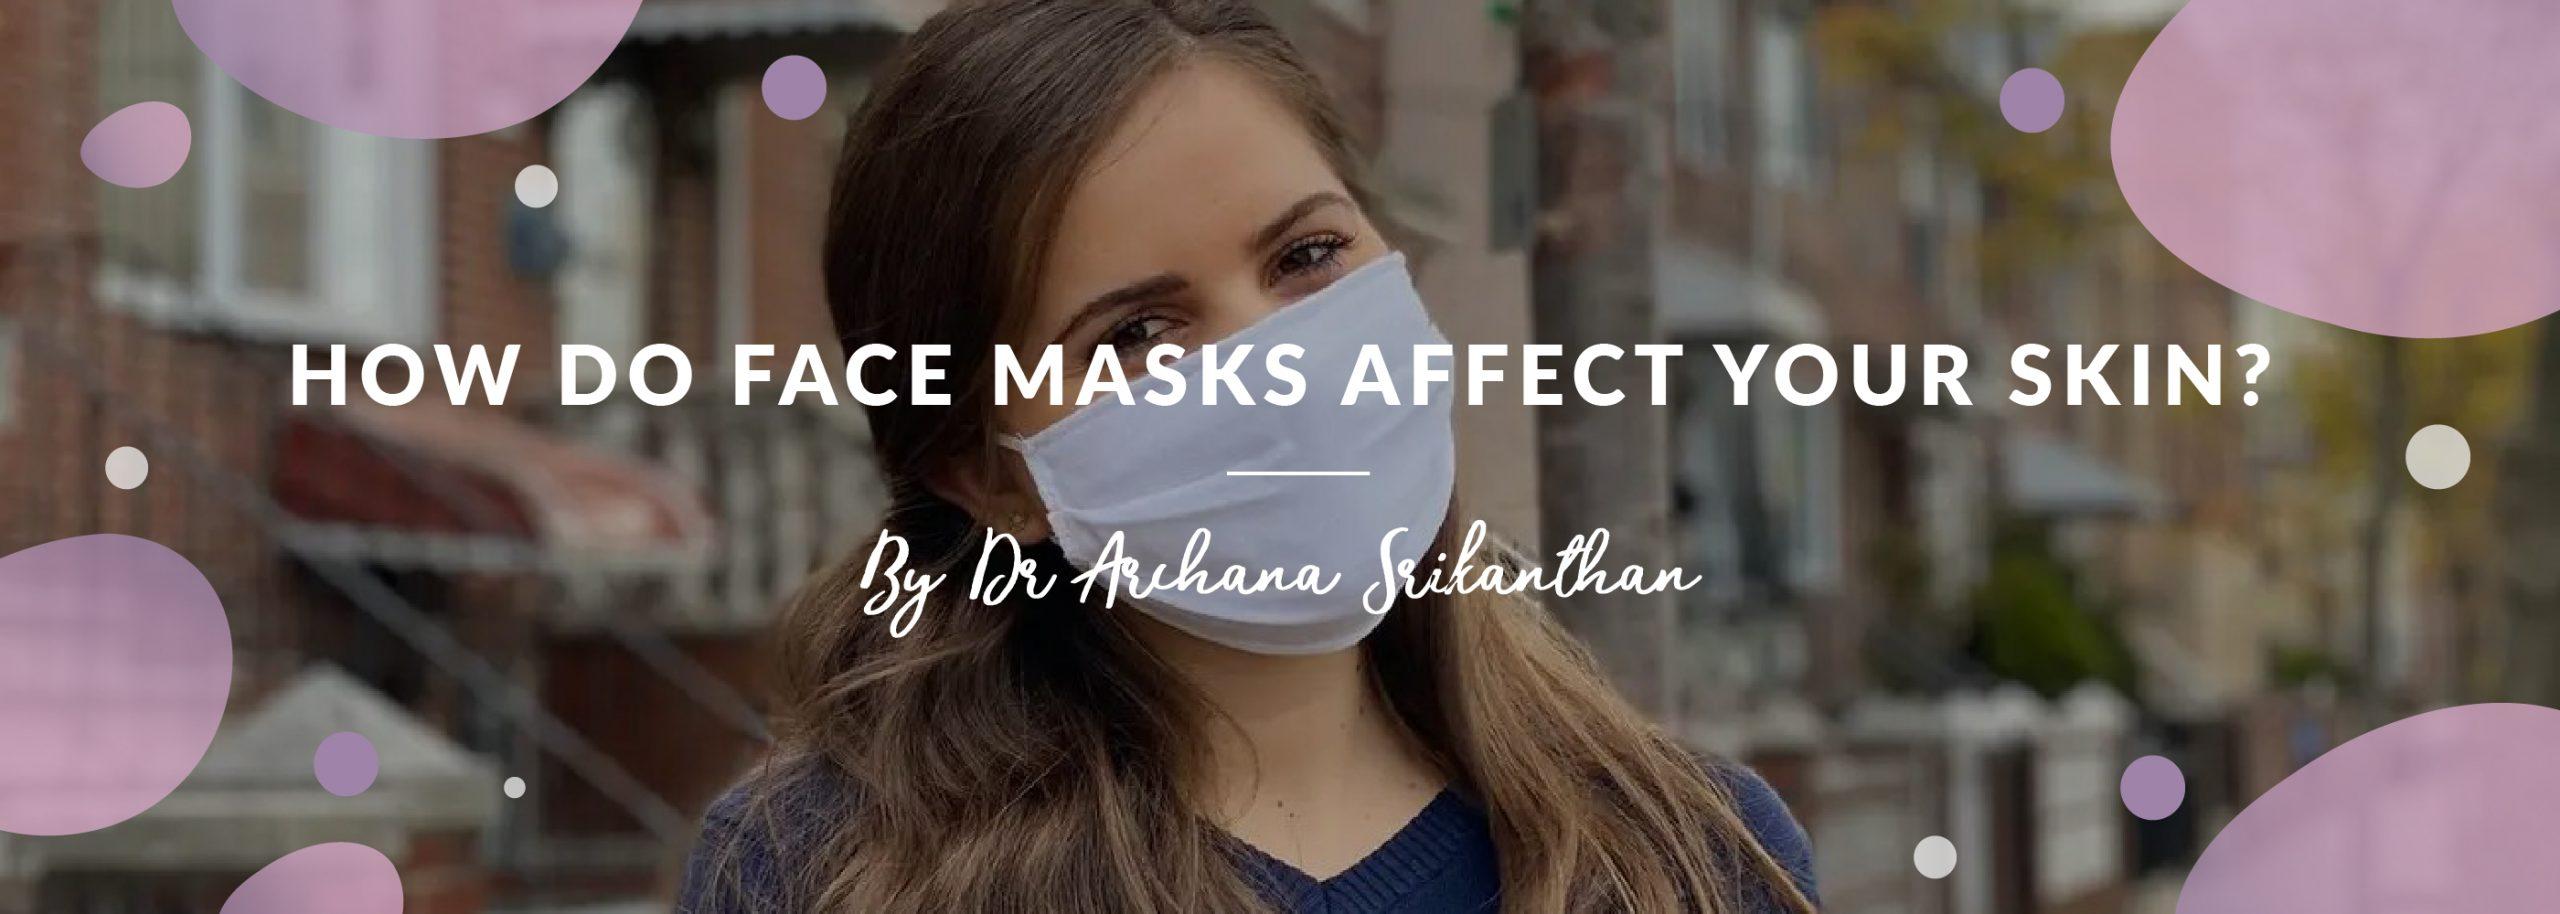 How do face masks affect your skin header 1 scaled - How do face masks affect your skin?